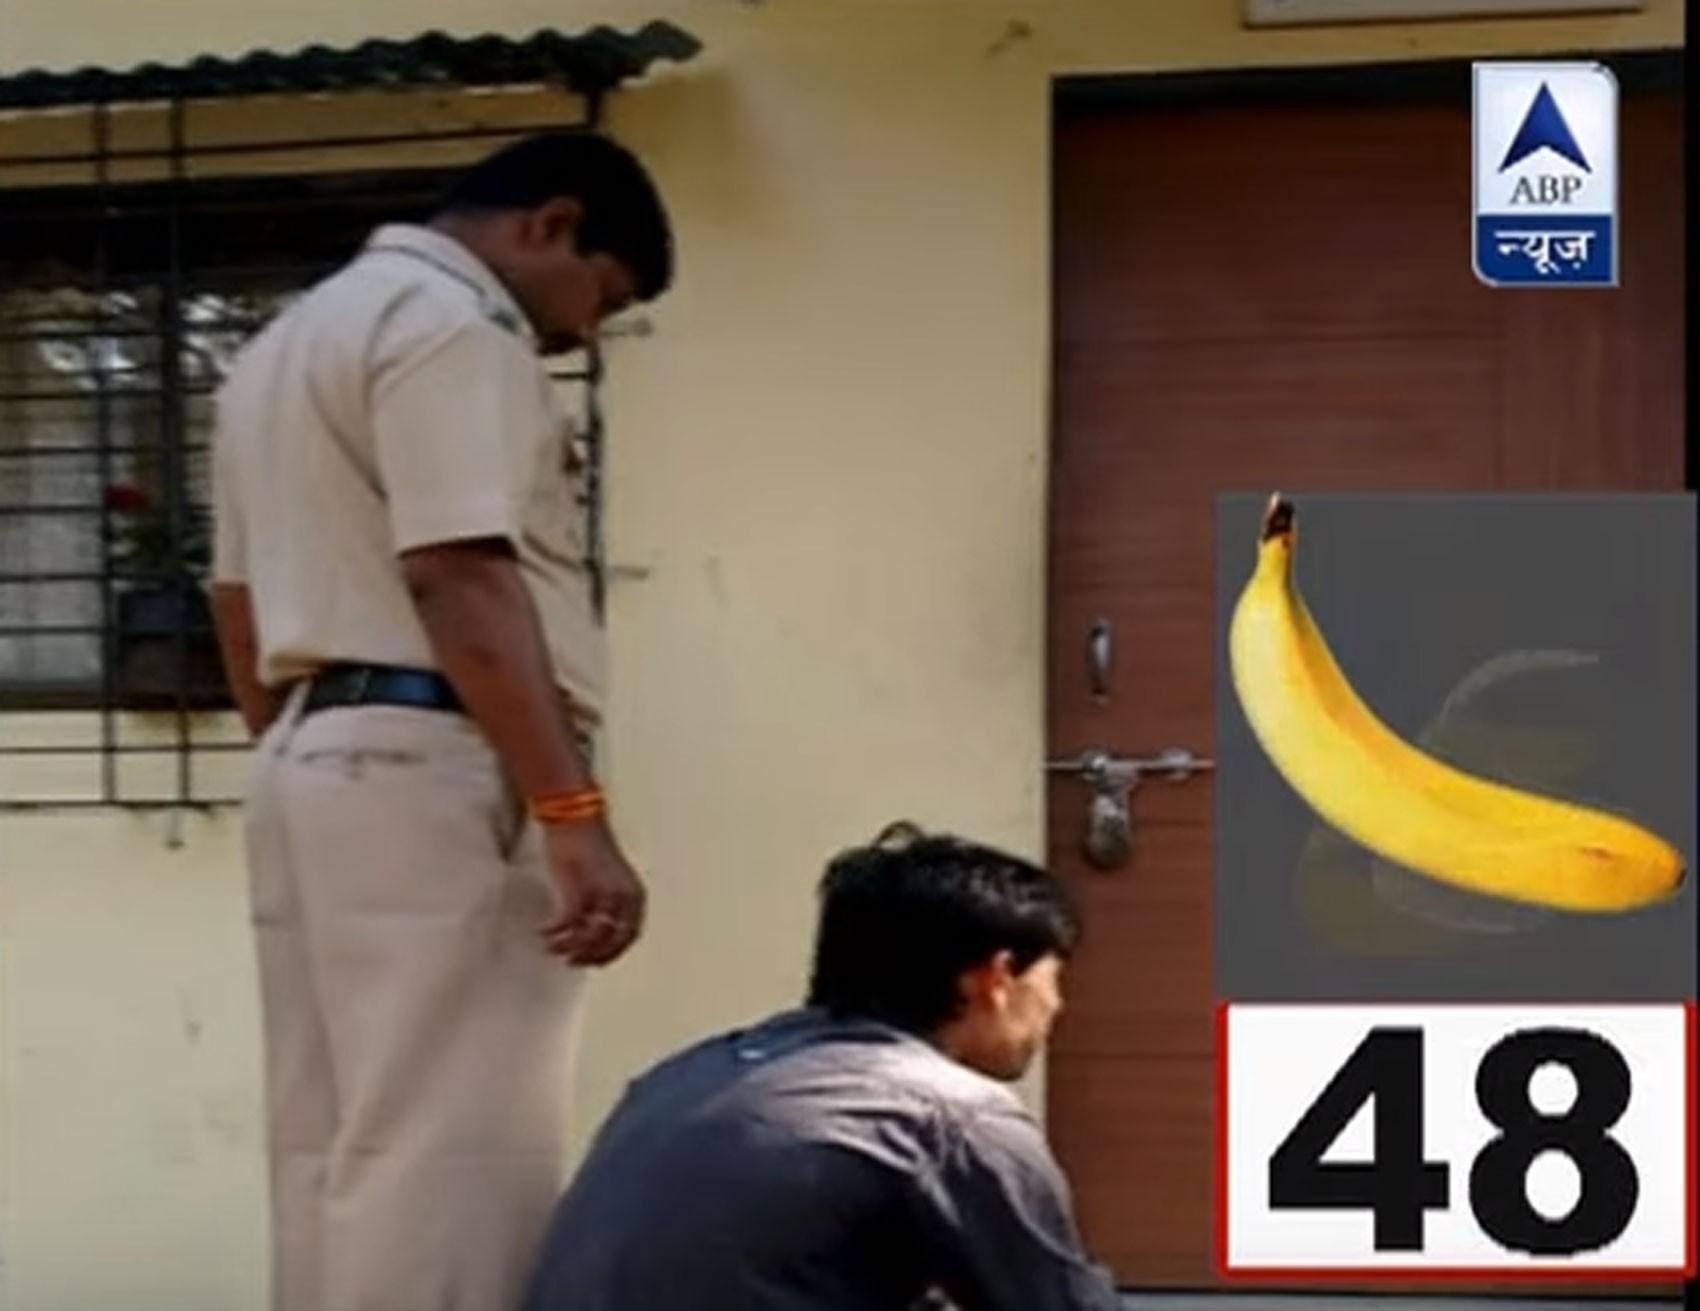 Agência indiana ABP News mostrou o ladrão comendo mais de 40 bananas até expelir a corrente de ouro (Foto: Reprodução/Youtube/ABP News)